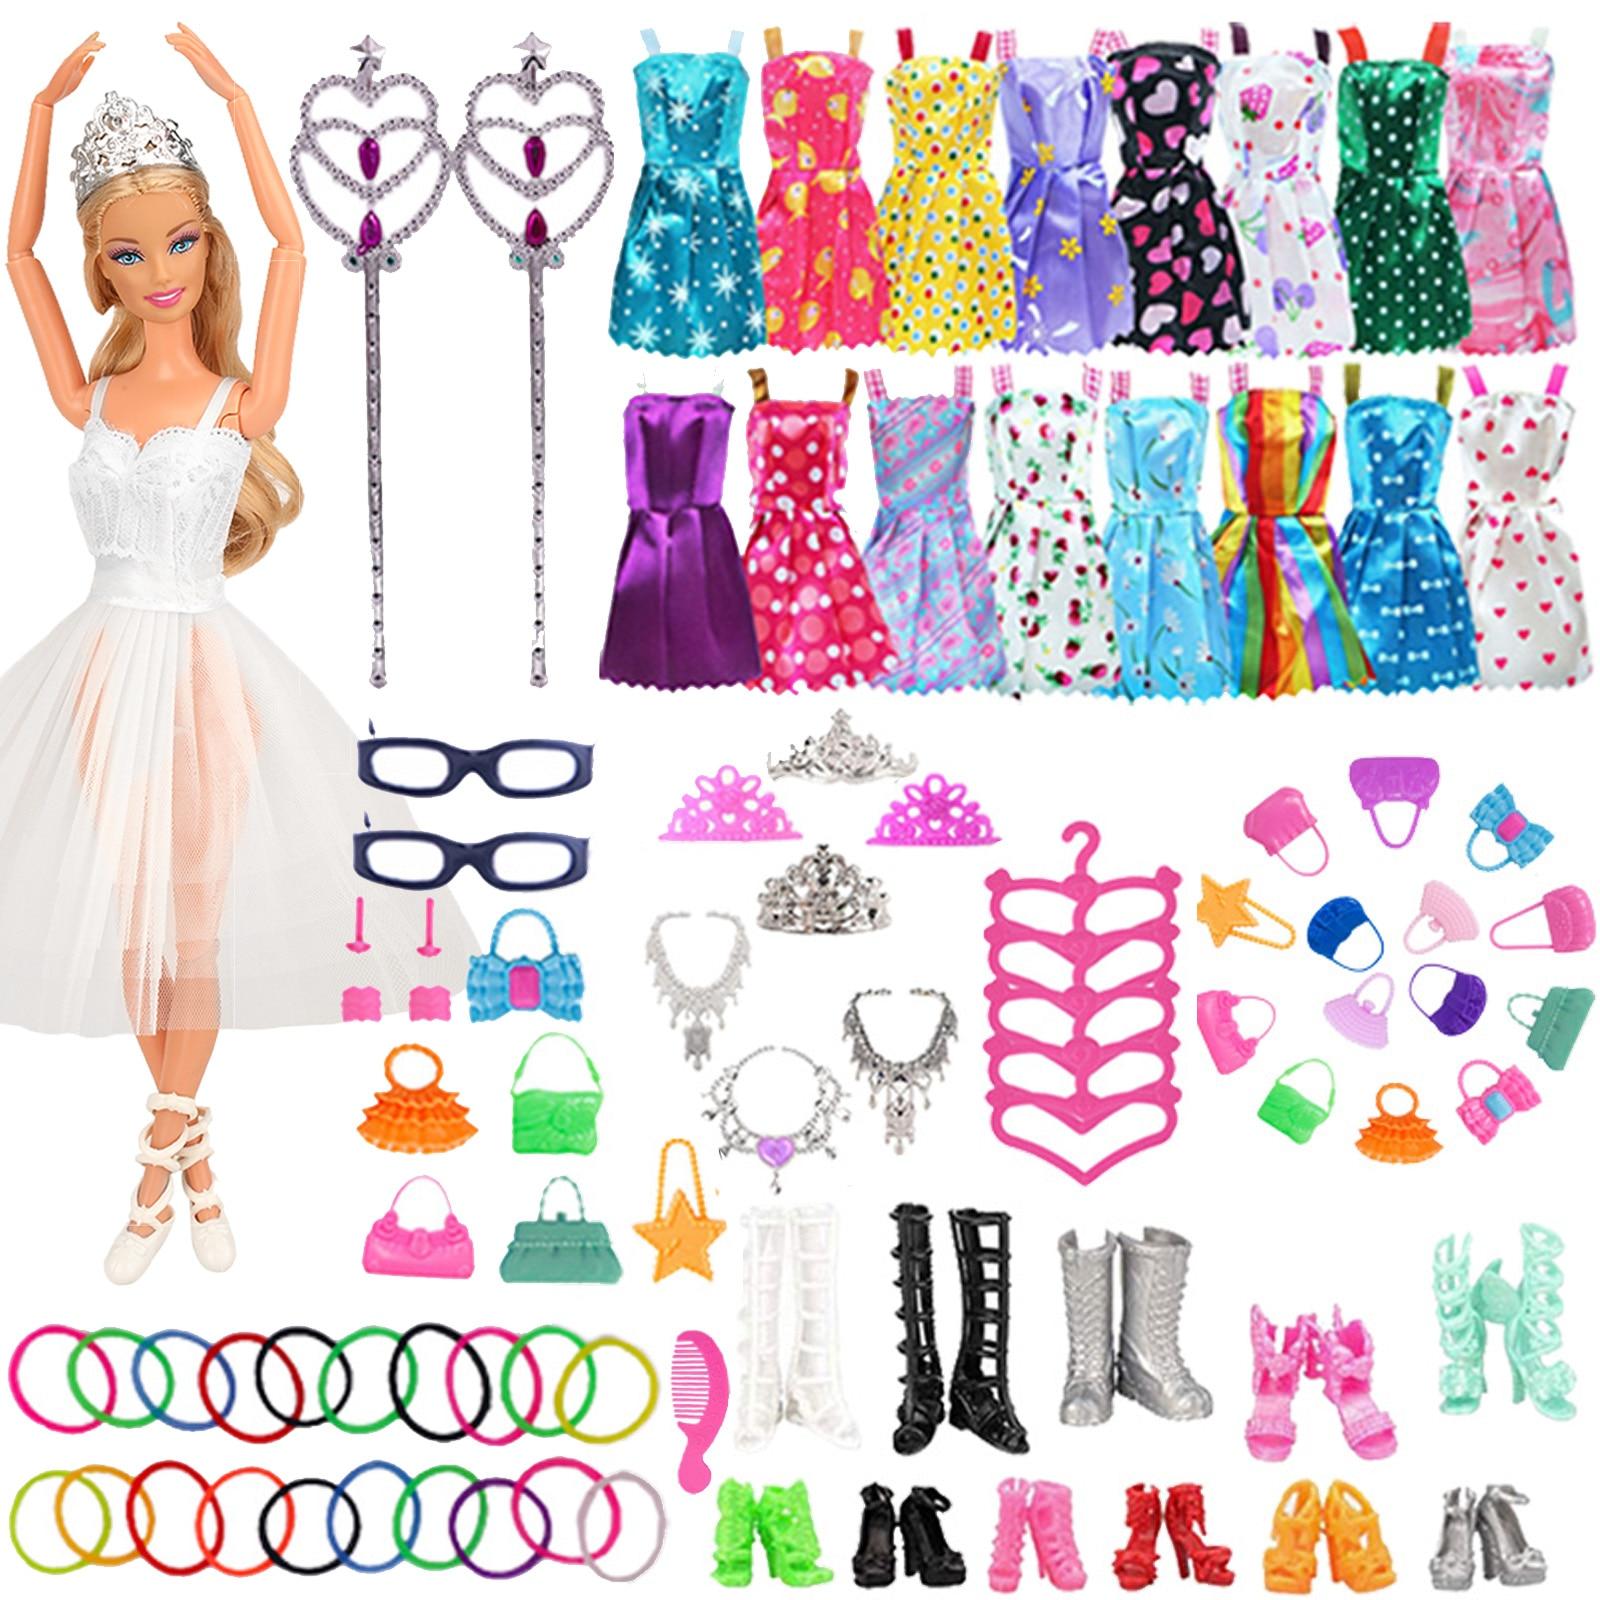 79 шт./компл. Барби аксессуары для кукол одежда для обувь для куклы Барби сапоги мини платье сумочки Корона вешалки очки для куклы Барби